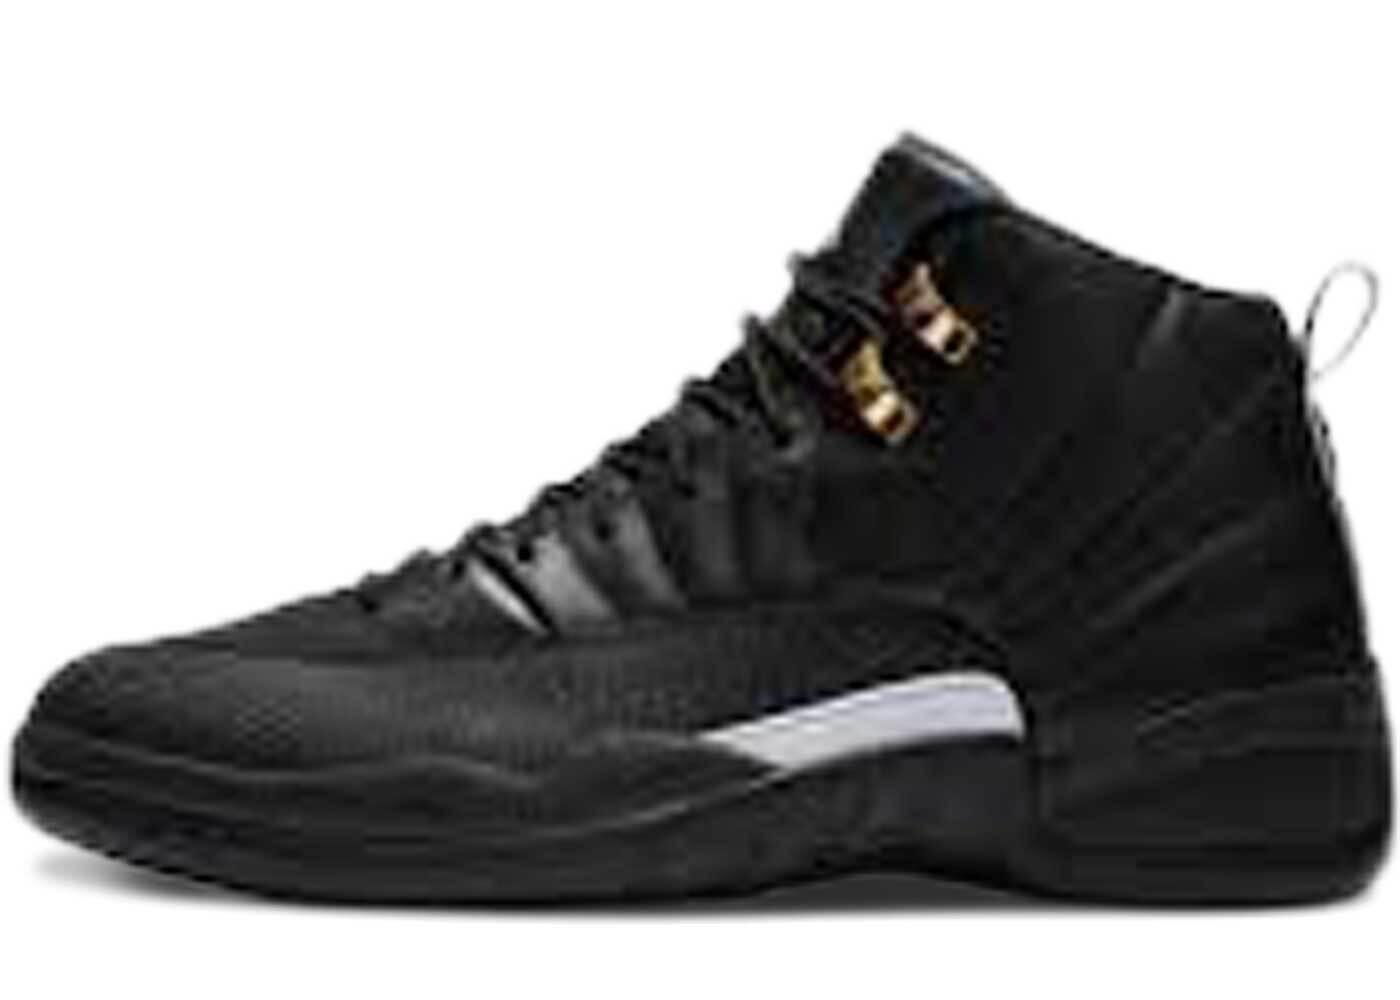 Nike Air Jordan 12 Retro The Masterの写真